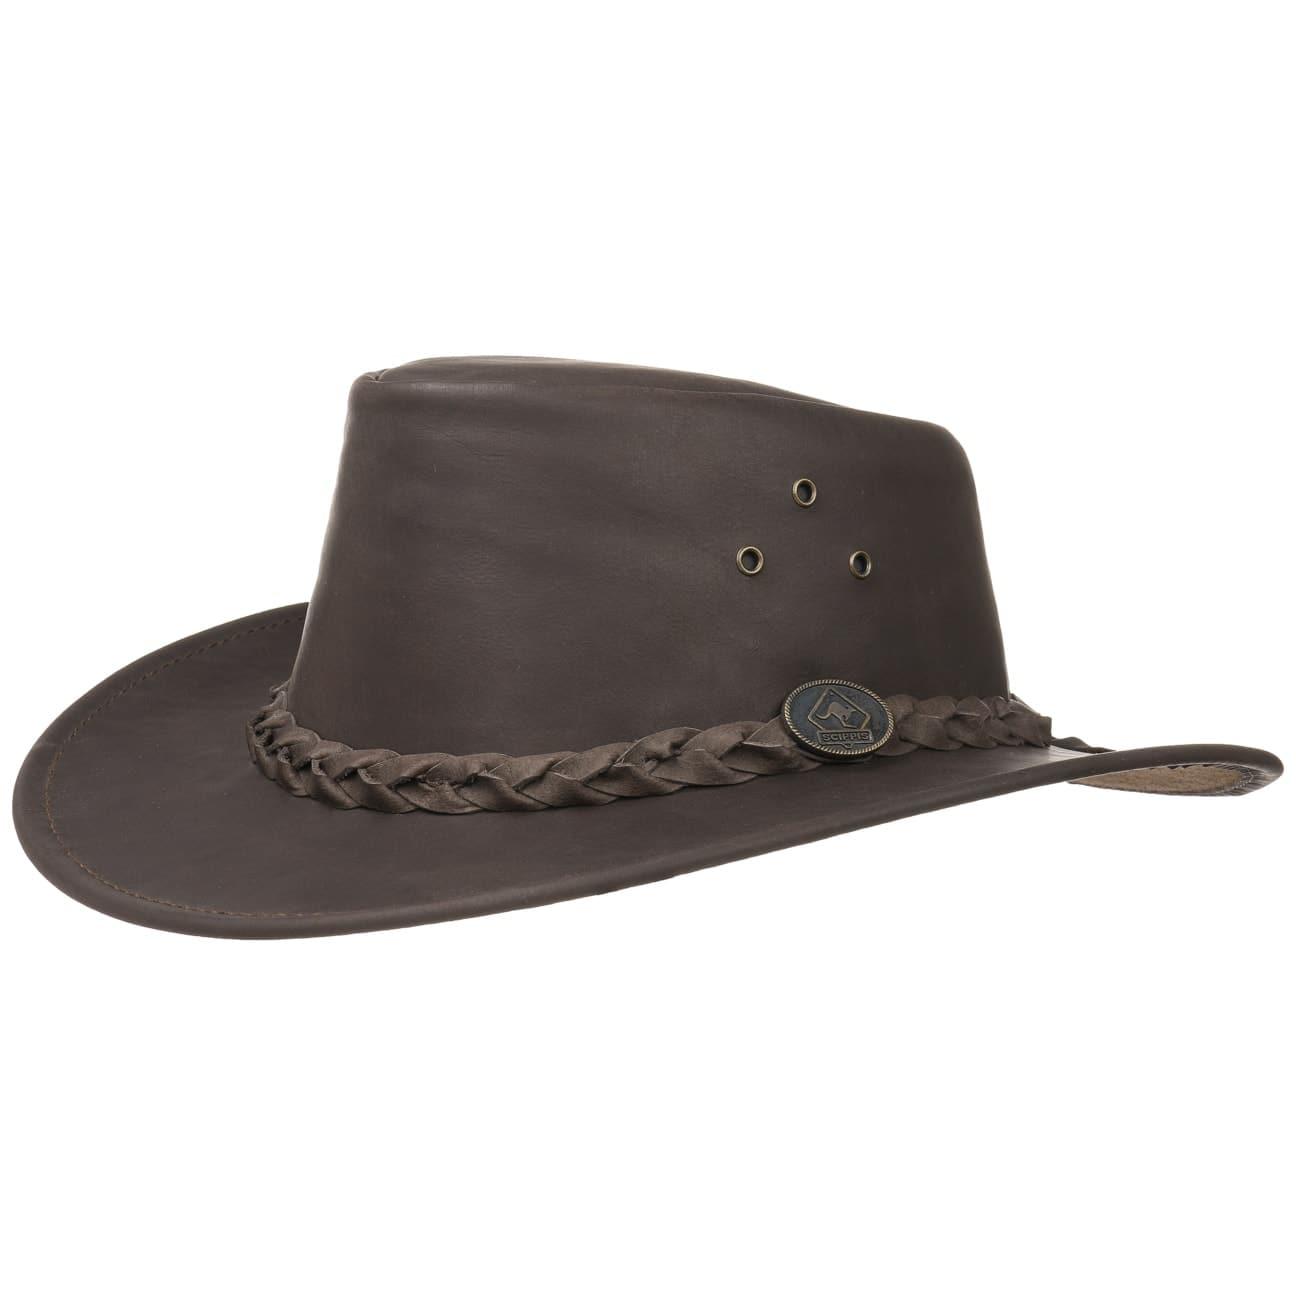 Sombrero de Piel El Paso by Scippis  sombrero de hombre